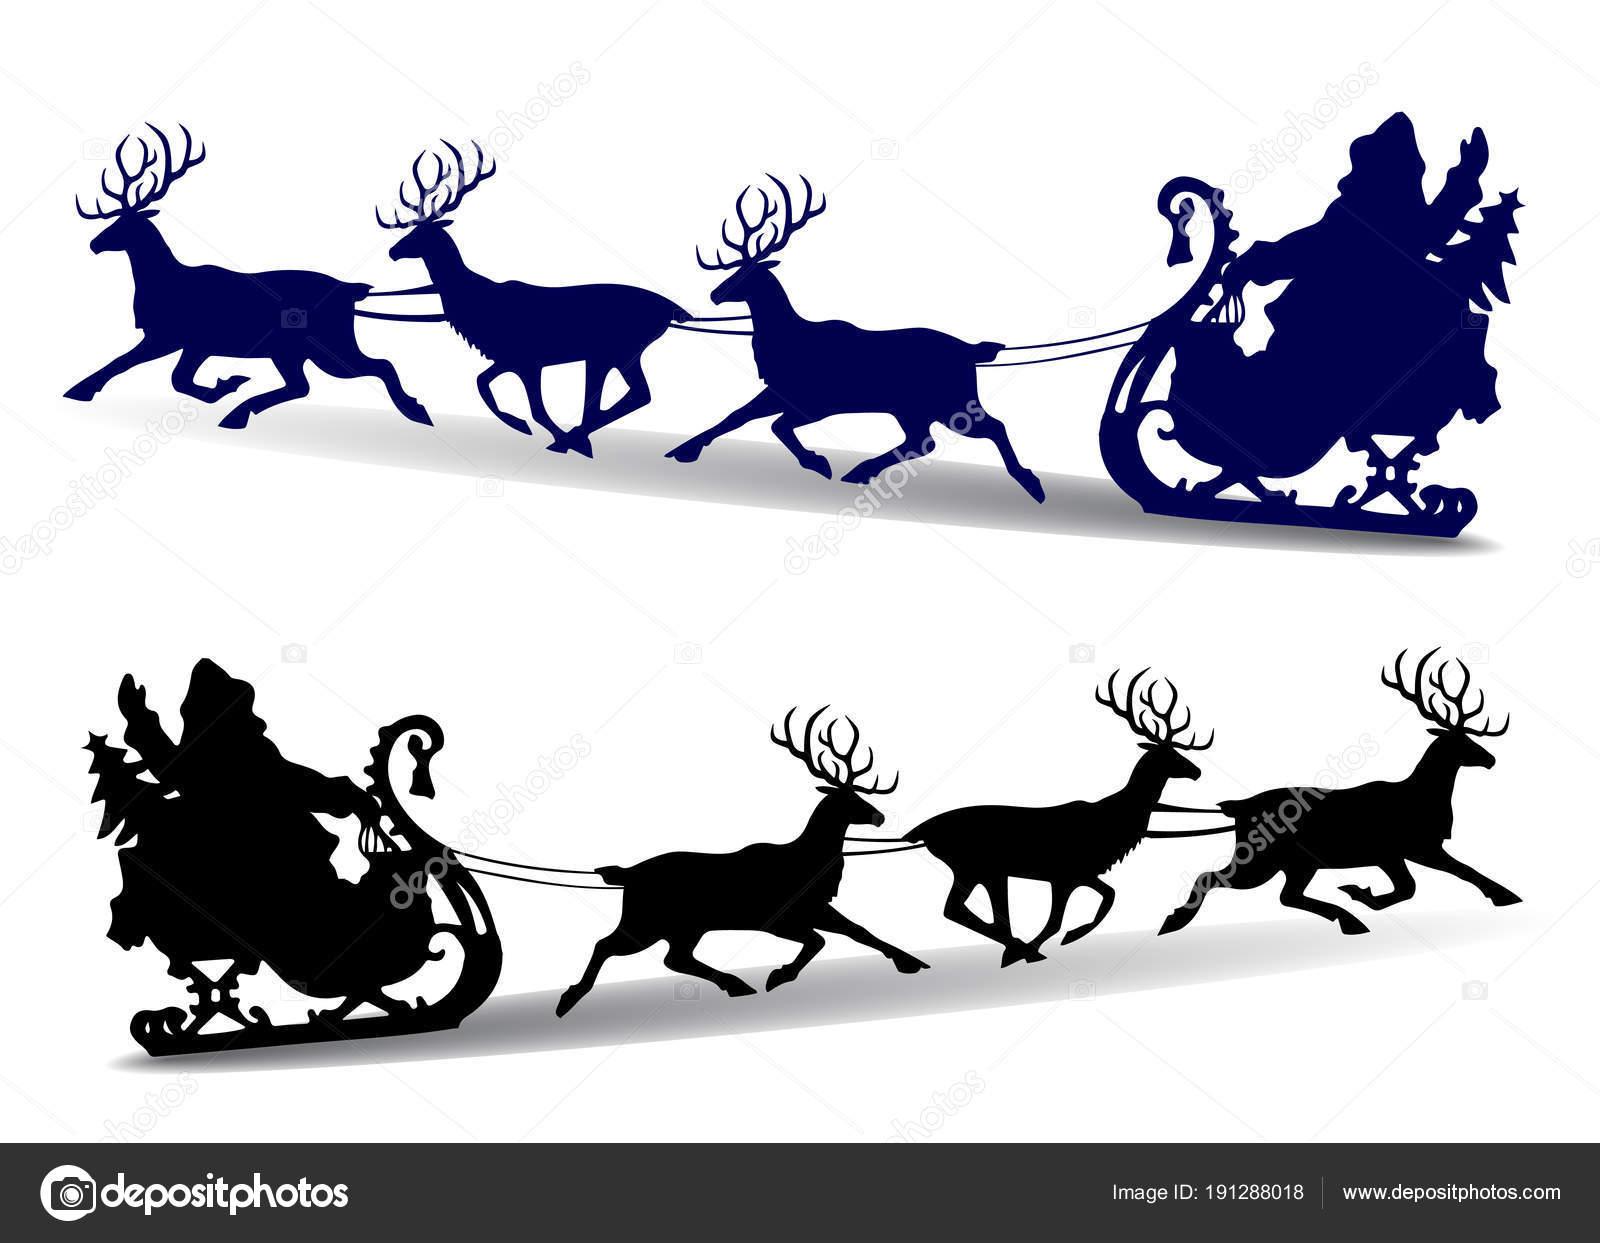 Silueta De Papa Noel Para Imprimir Paseos De Navidad Silueta De - Papa-noel-para-imprimir